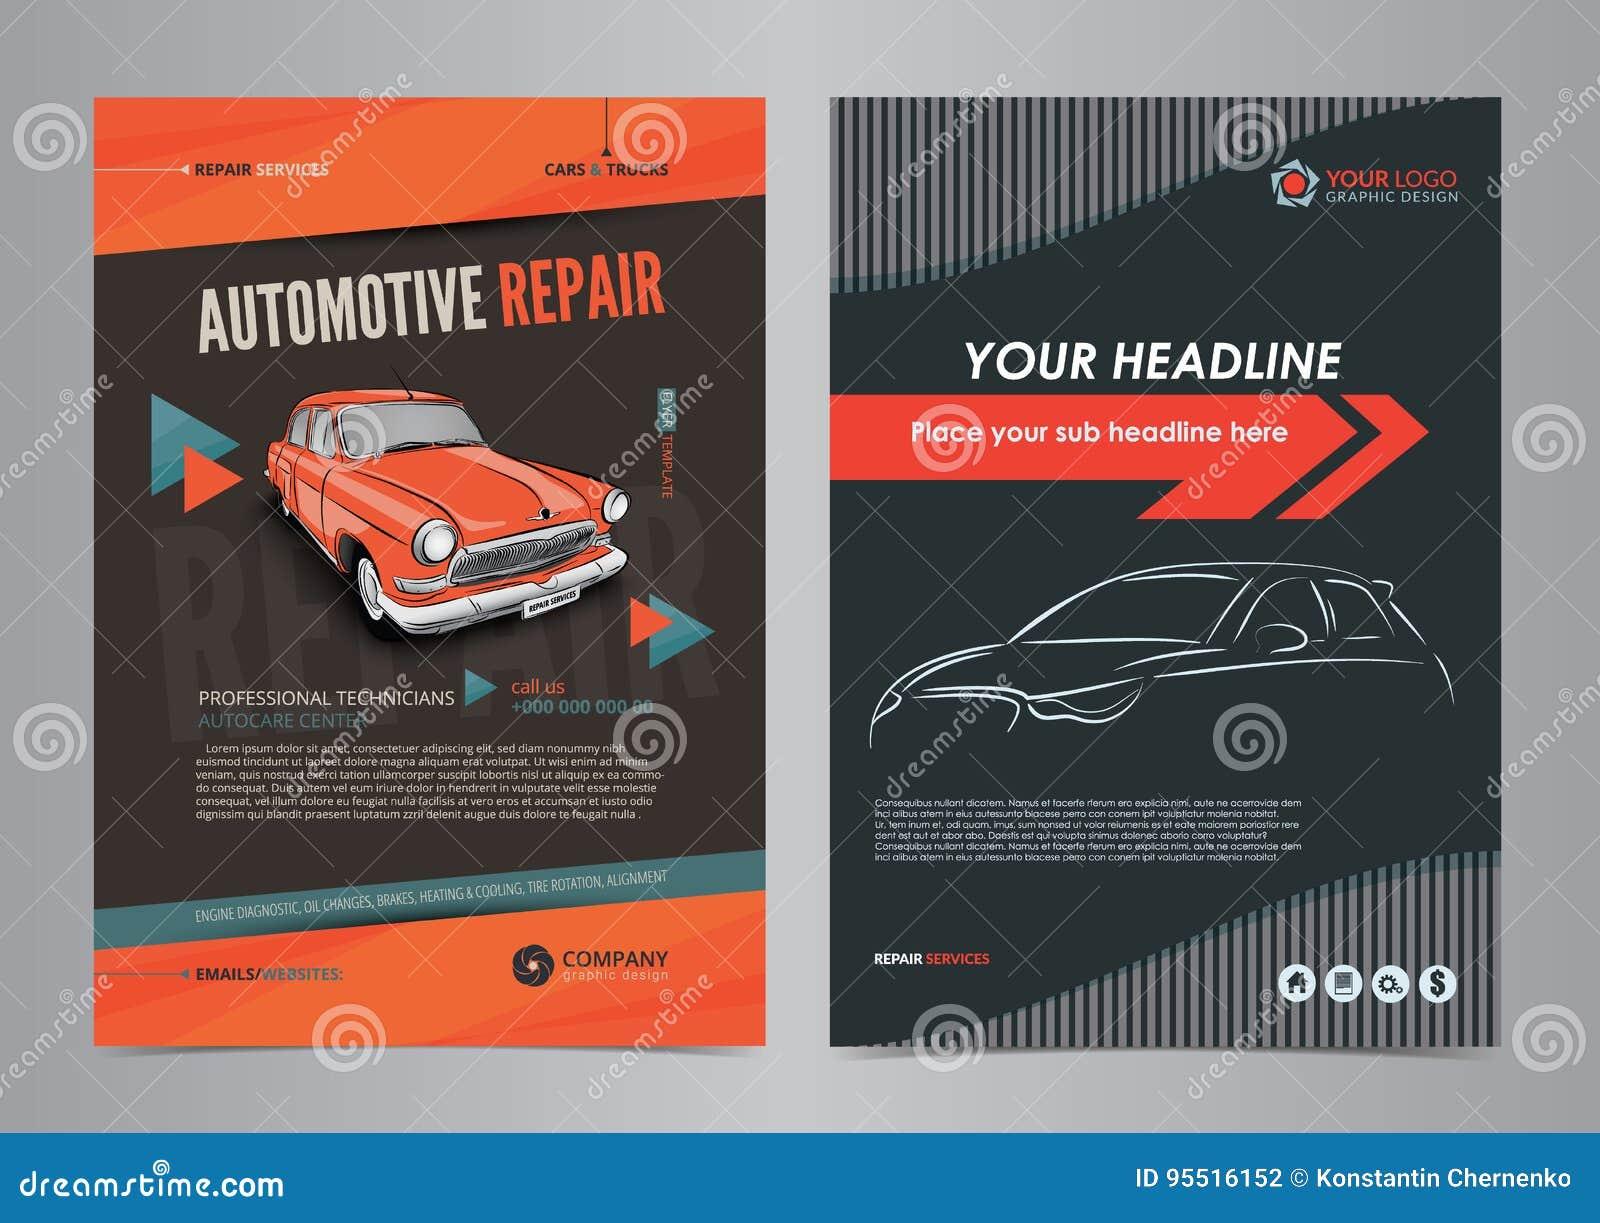 Autos Ilustraciones Stock, Vectores, Y Clipart – (1,091 ...